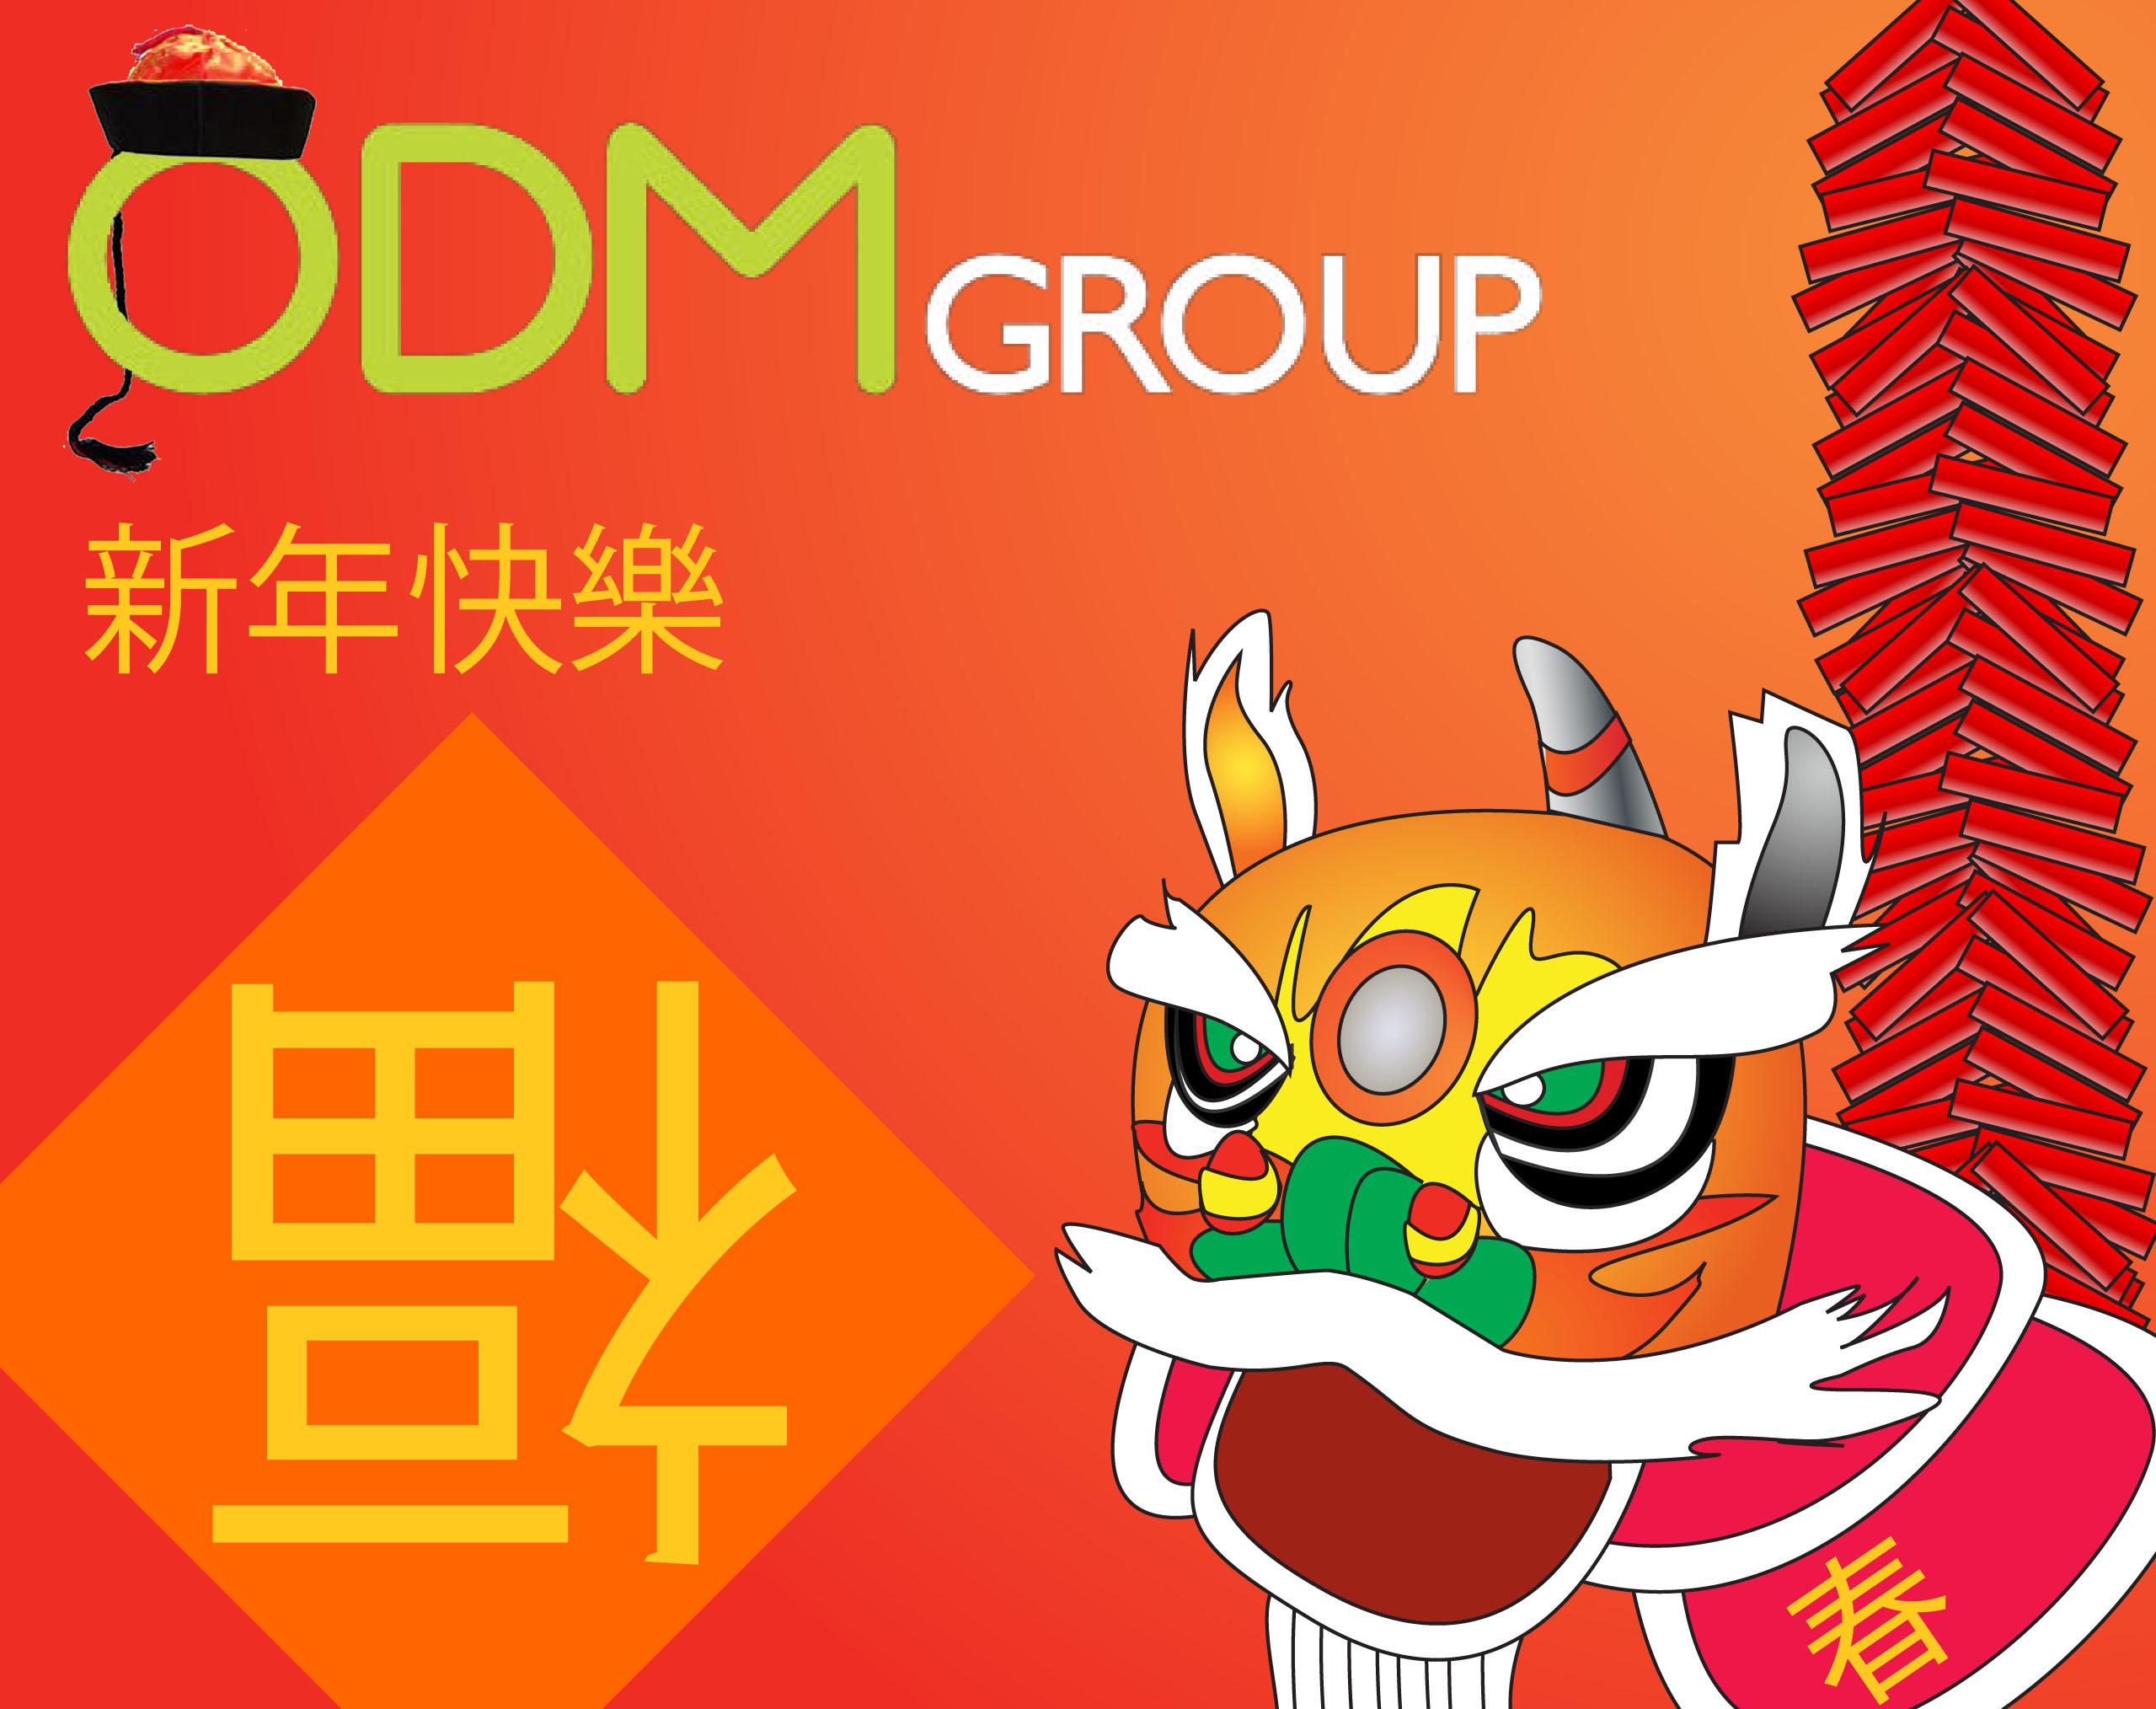 chinese - Chinese New Year 2011